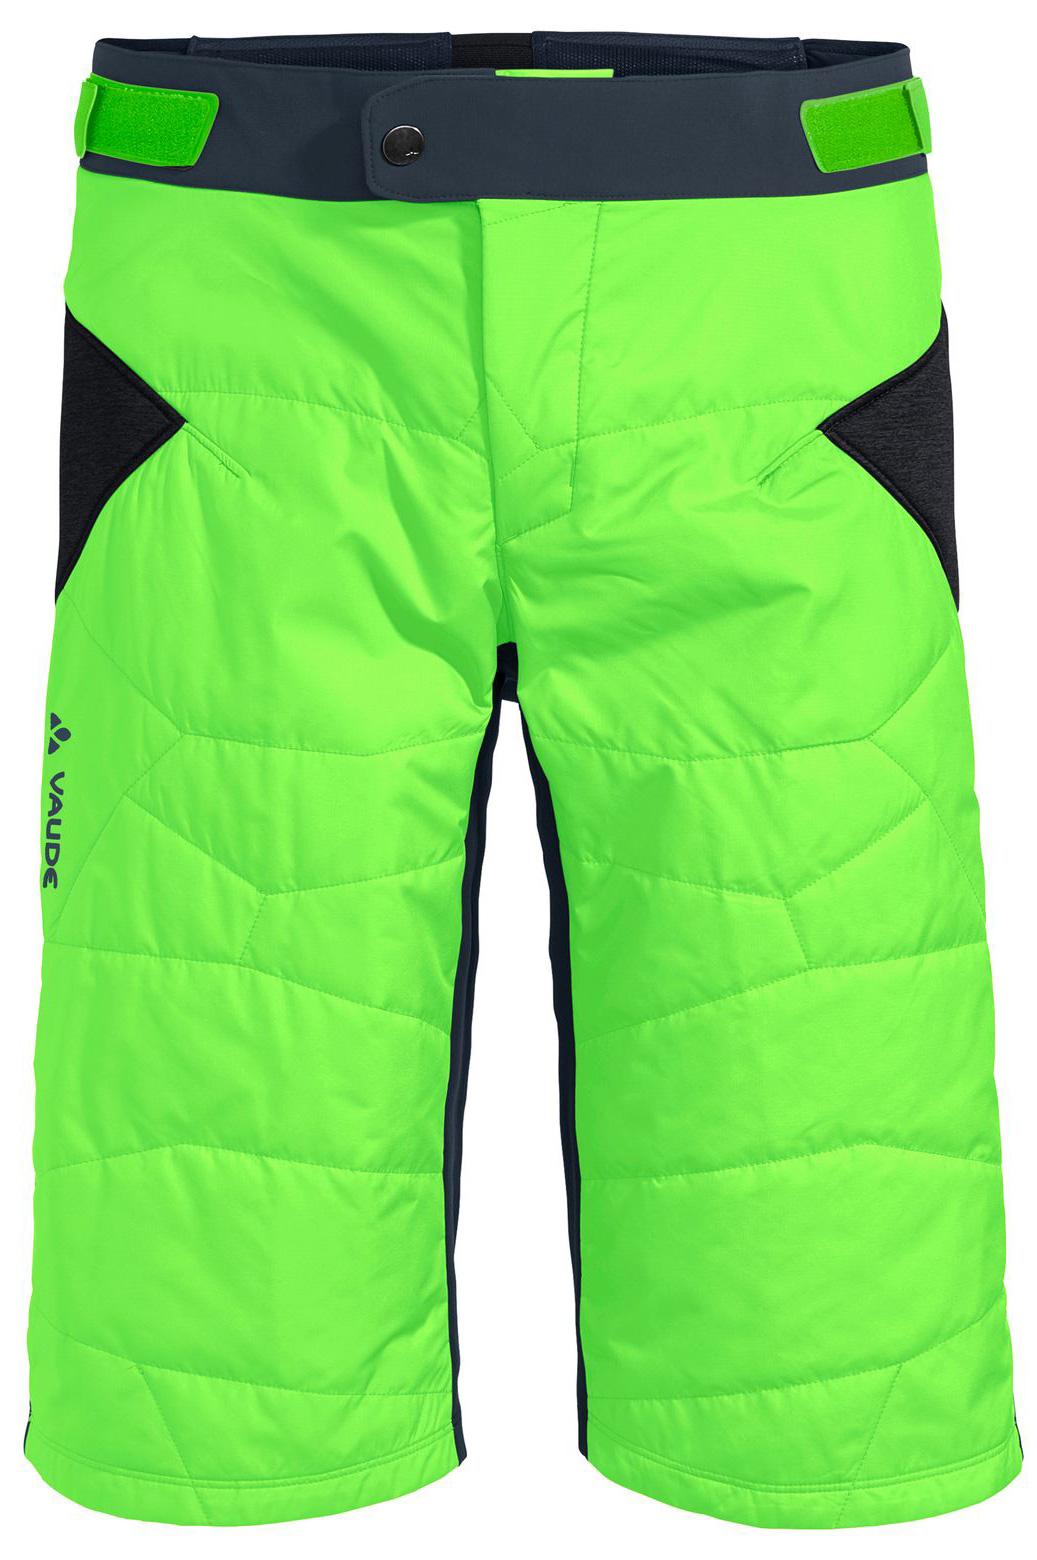 Vaude Minaki Shorts III Unisex Hose - vibrant green